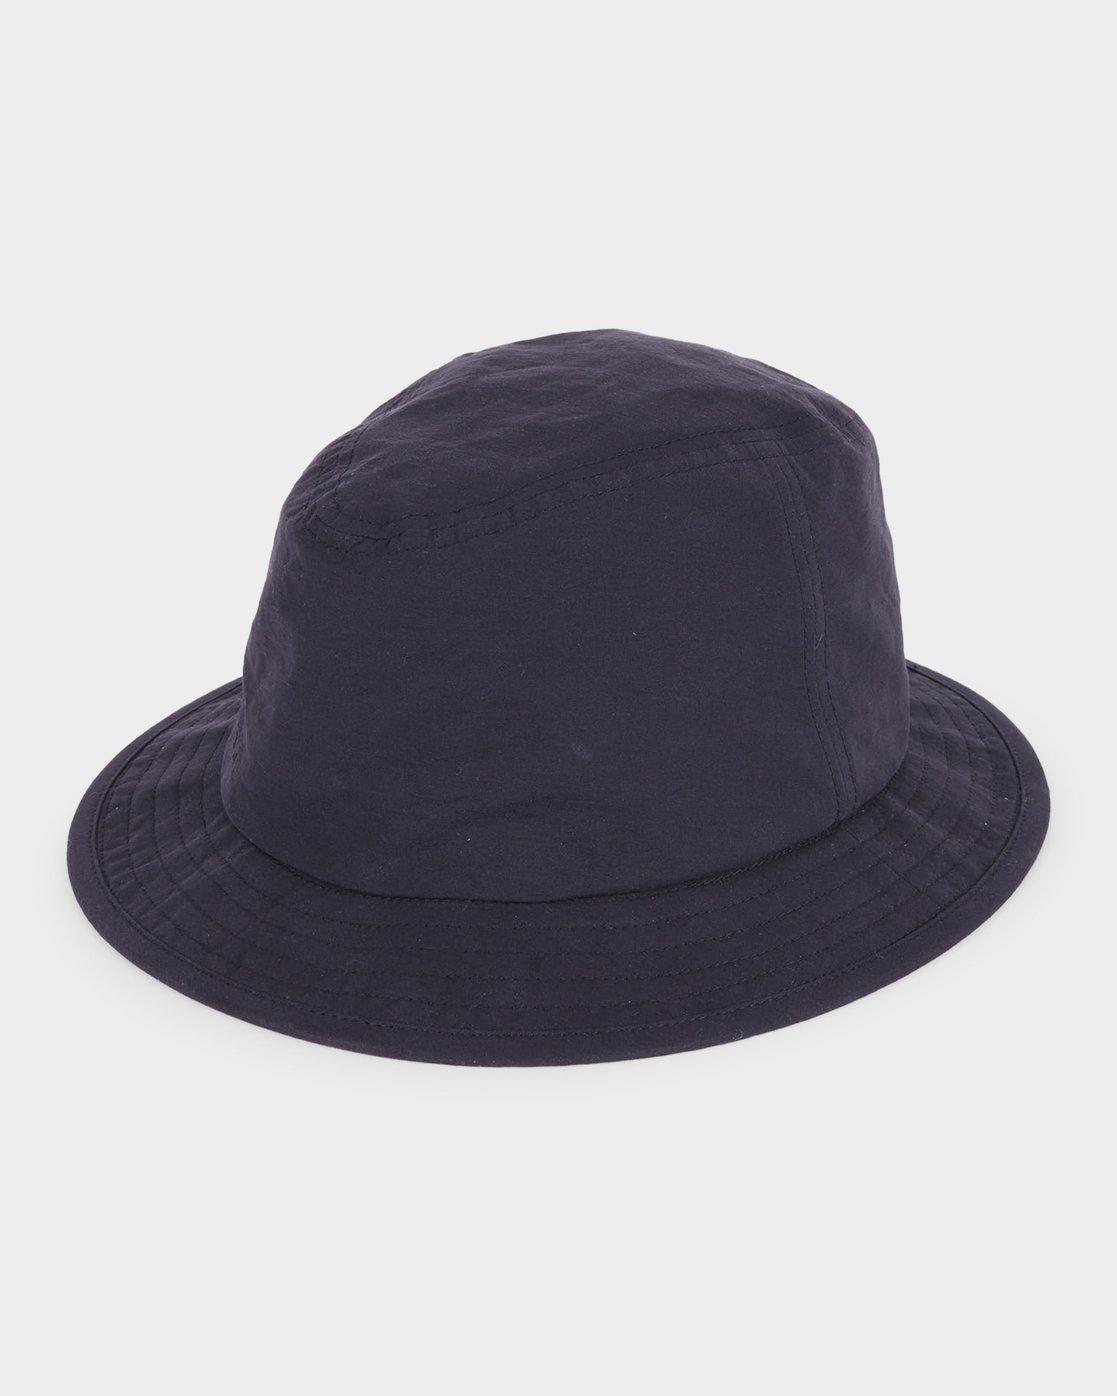 0 RVCA Poolside Hat Black R181567 RVCA